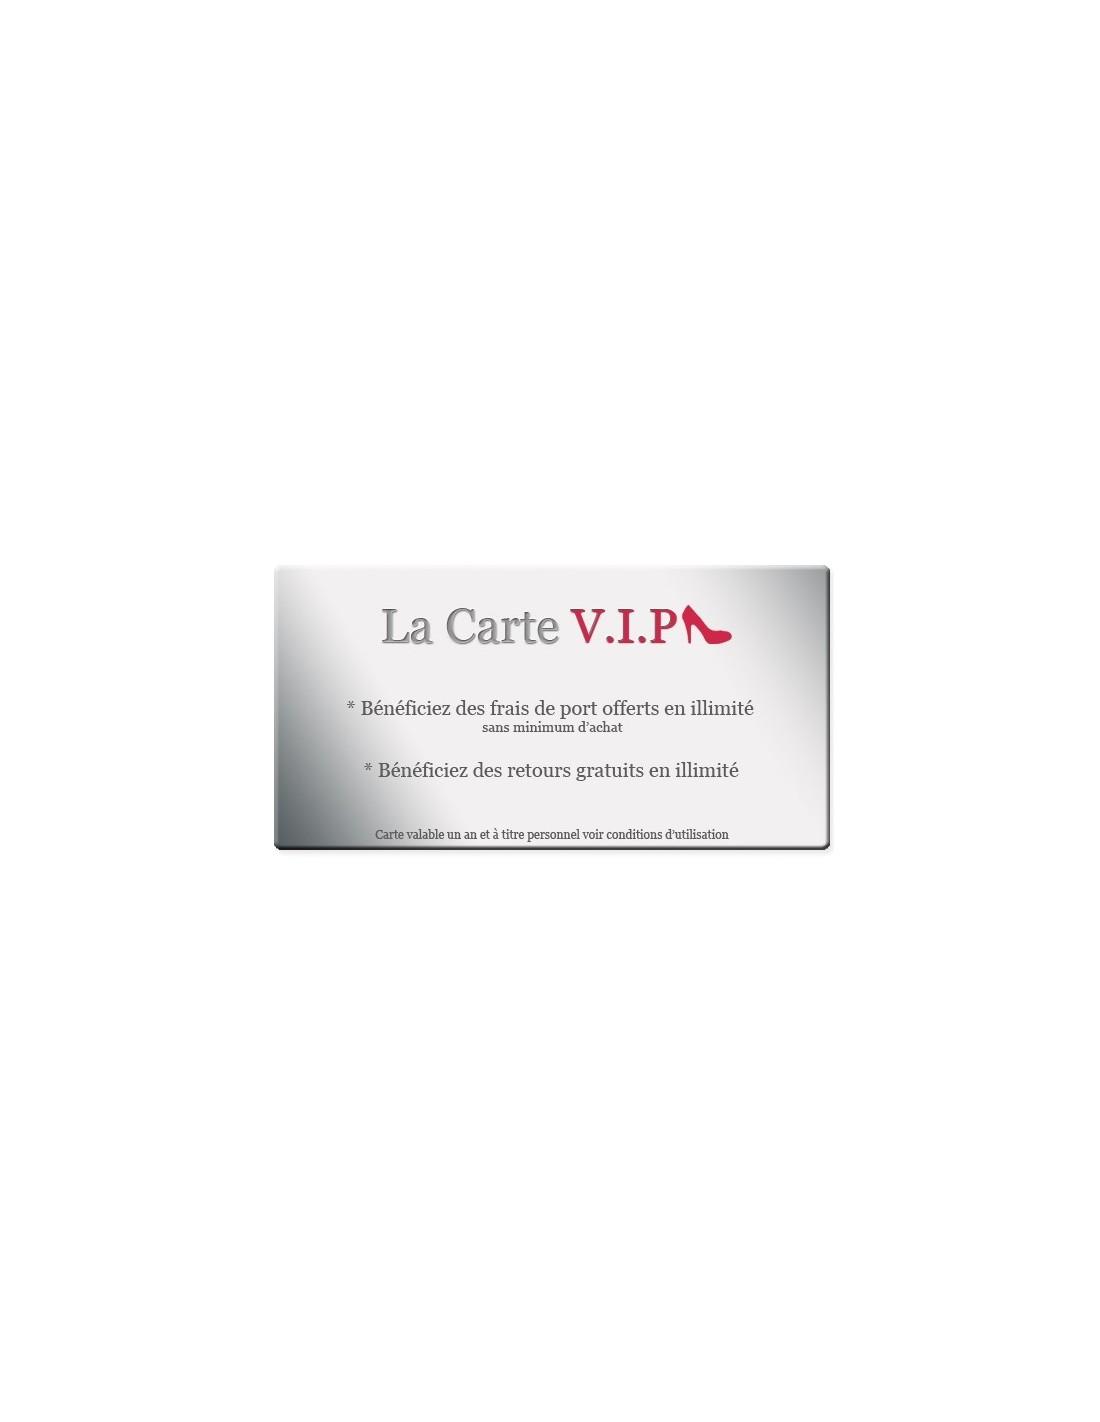 Carte vip retours gratuits illimit s frais de port gratuits - Frais de port mondial relay ...